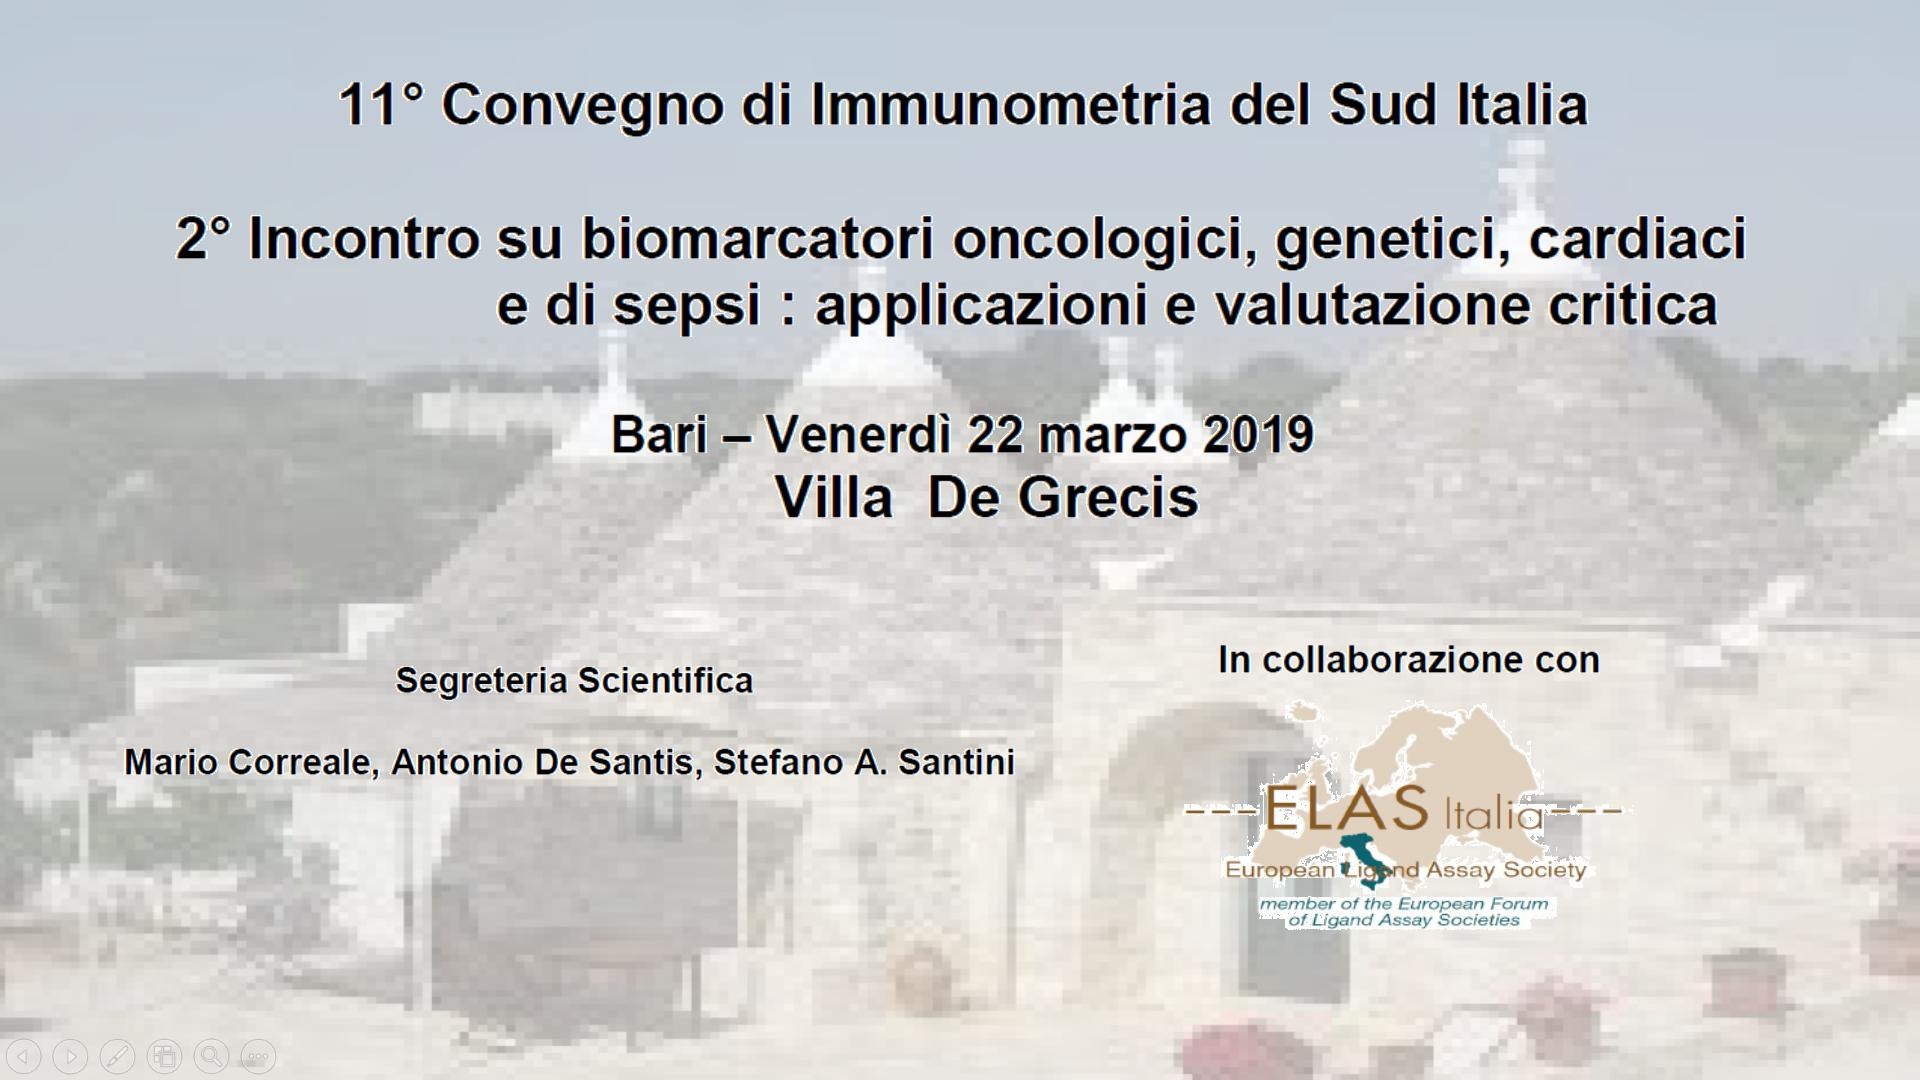 11° Convegno di Immunometria del Sud Italia